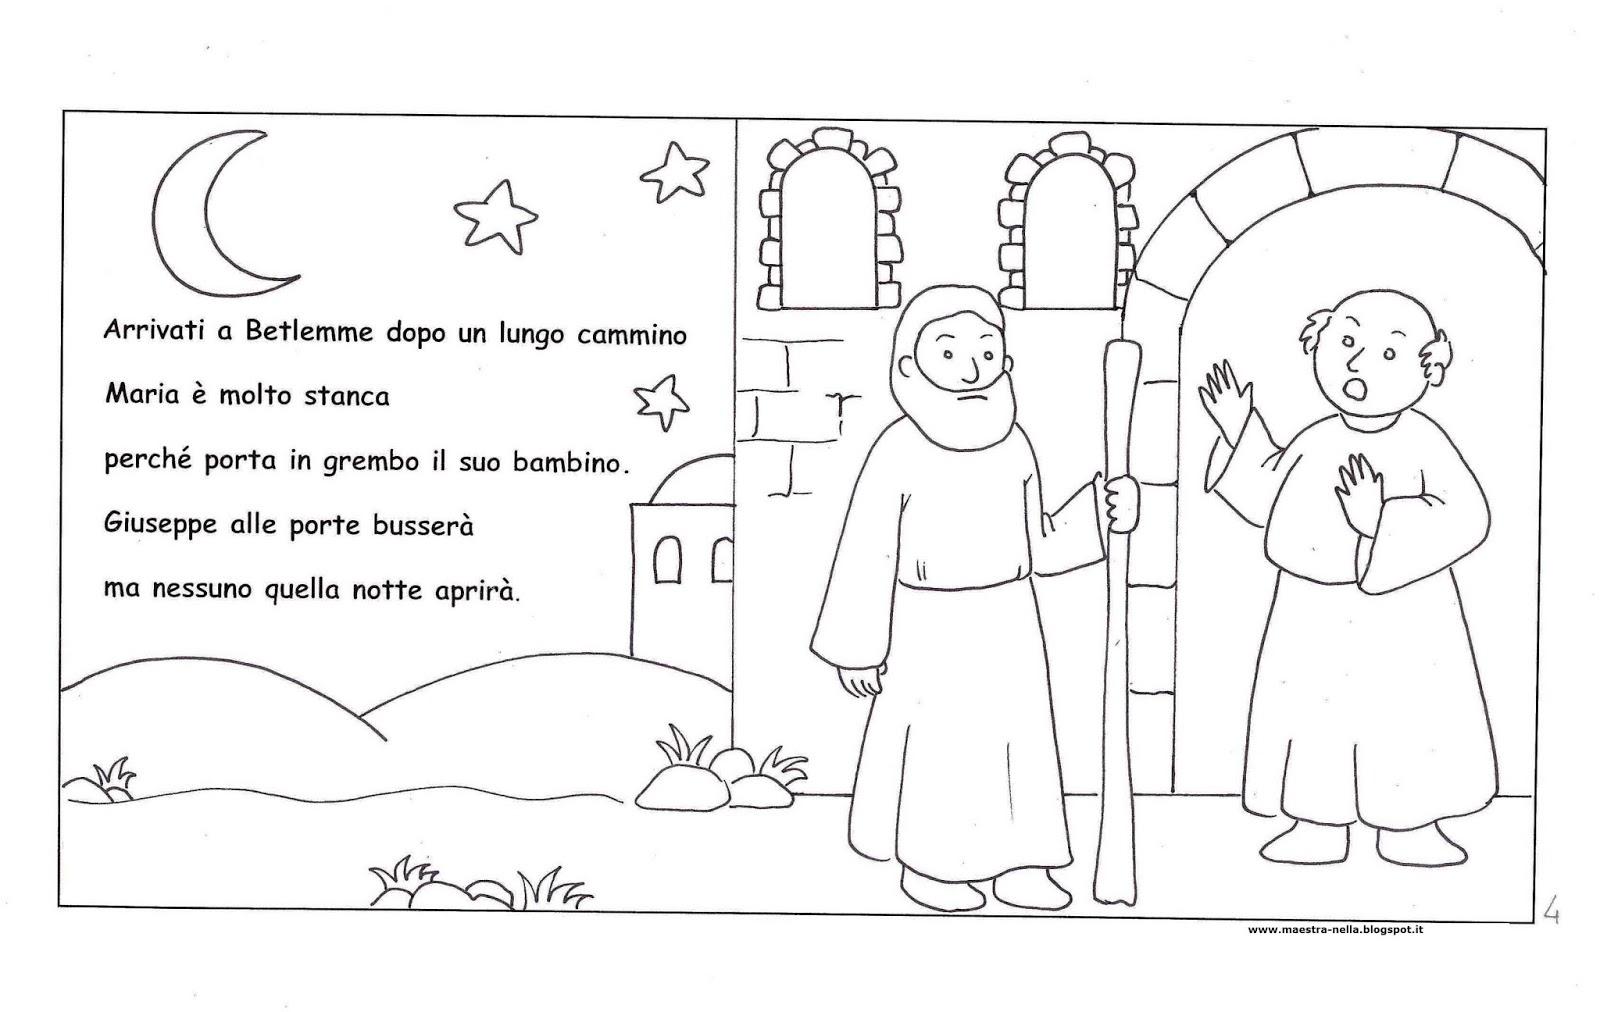 Maestra nella storia del santo natale for Schede natale scuola infanzia